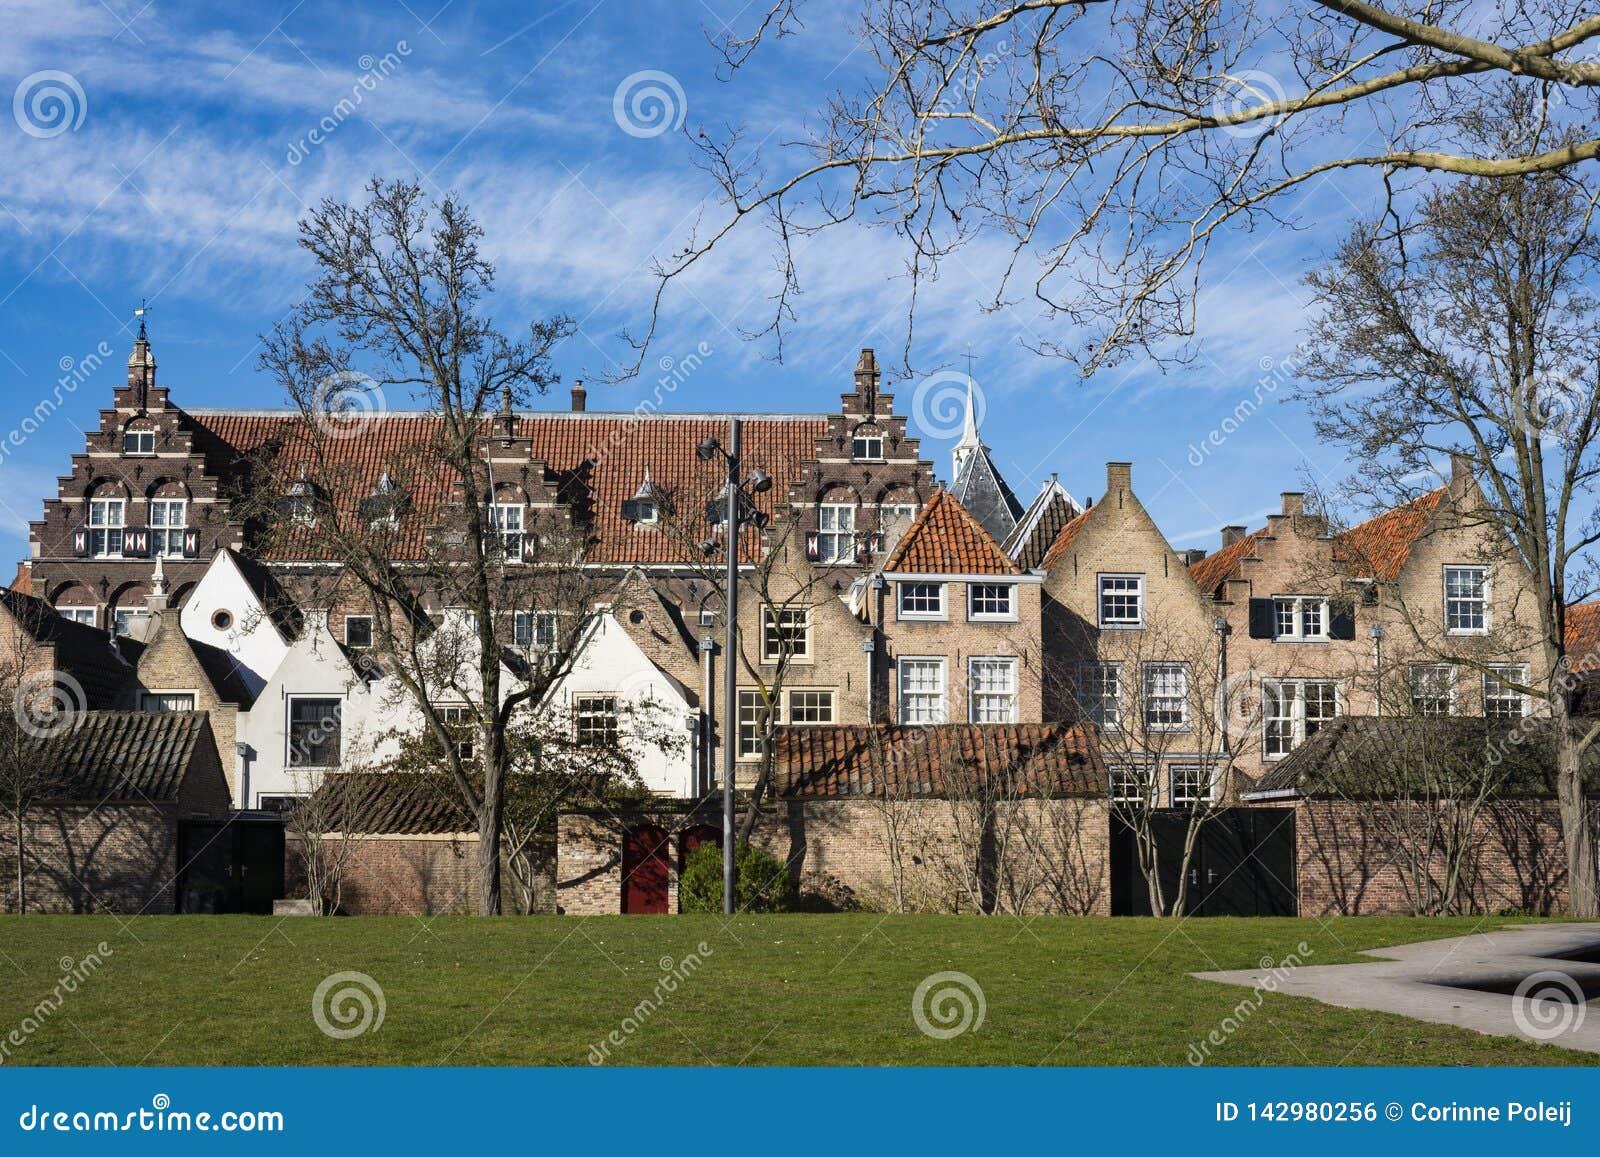 Bâtiments monumentaux dans la rue Kloostertuinen, Dordrecht, Pays-Bas